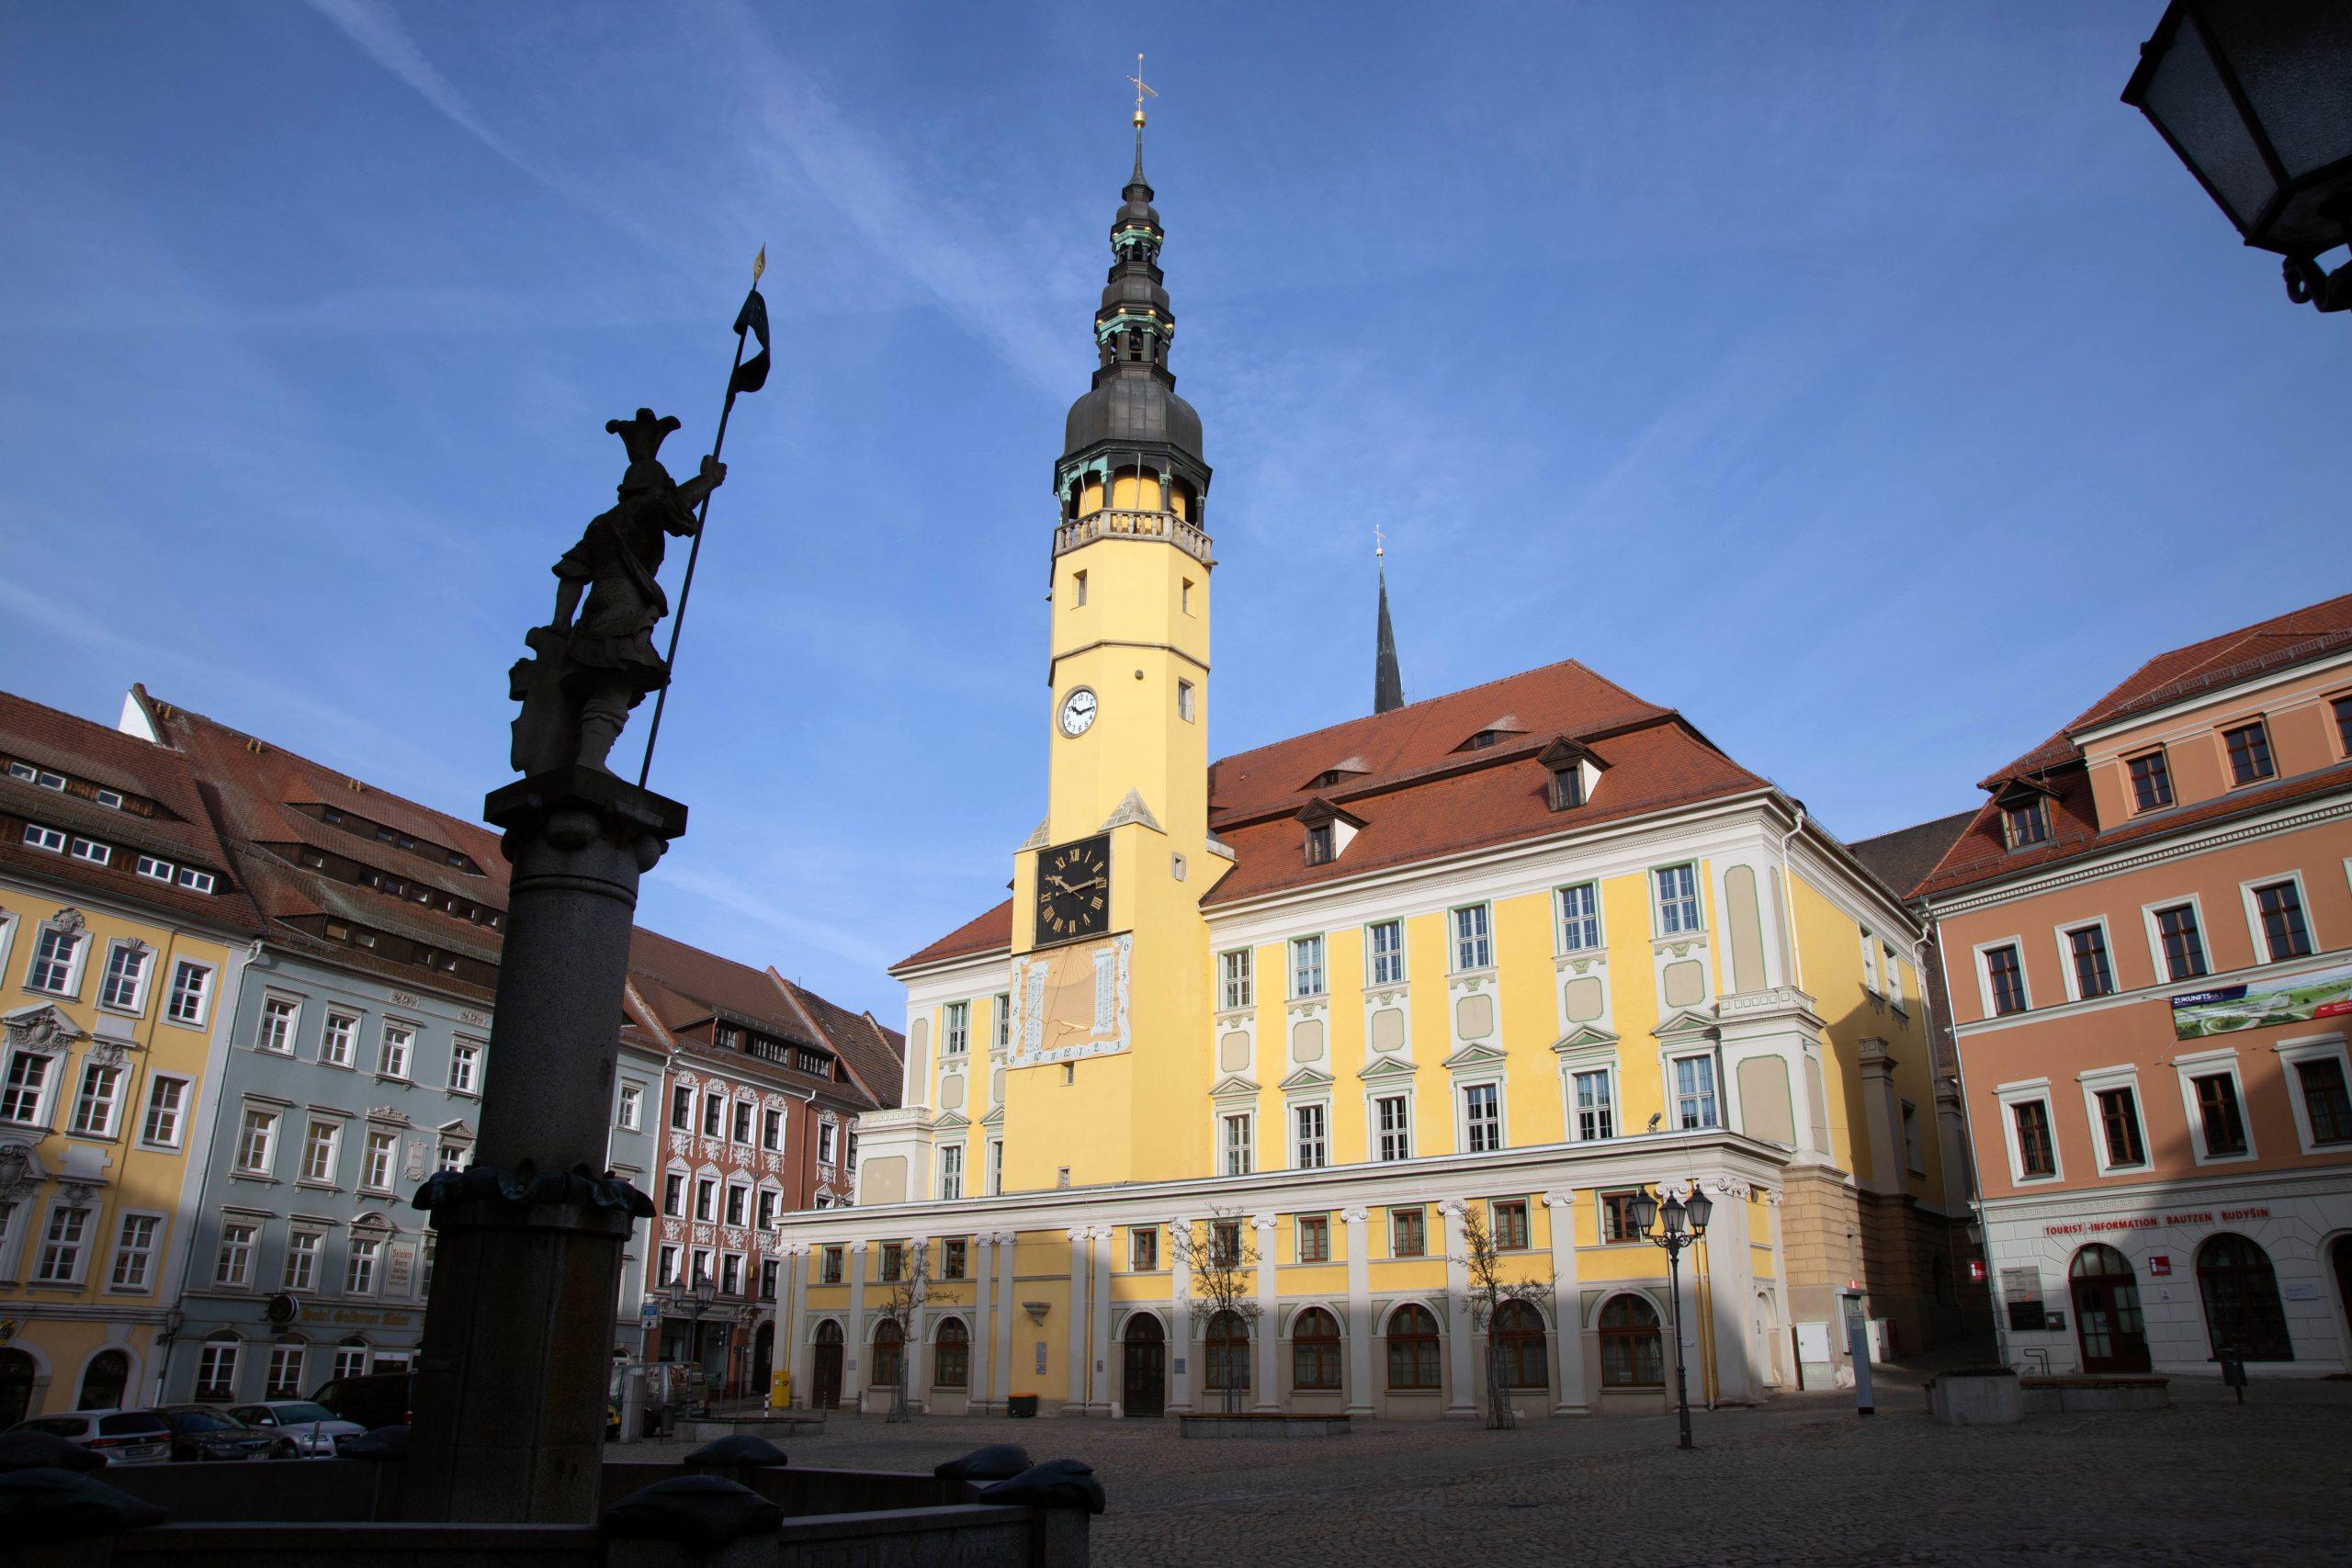 Bautzen (Sorbisch: Budyšin)